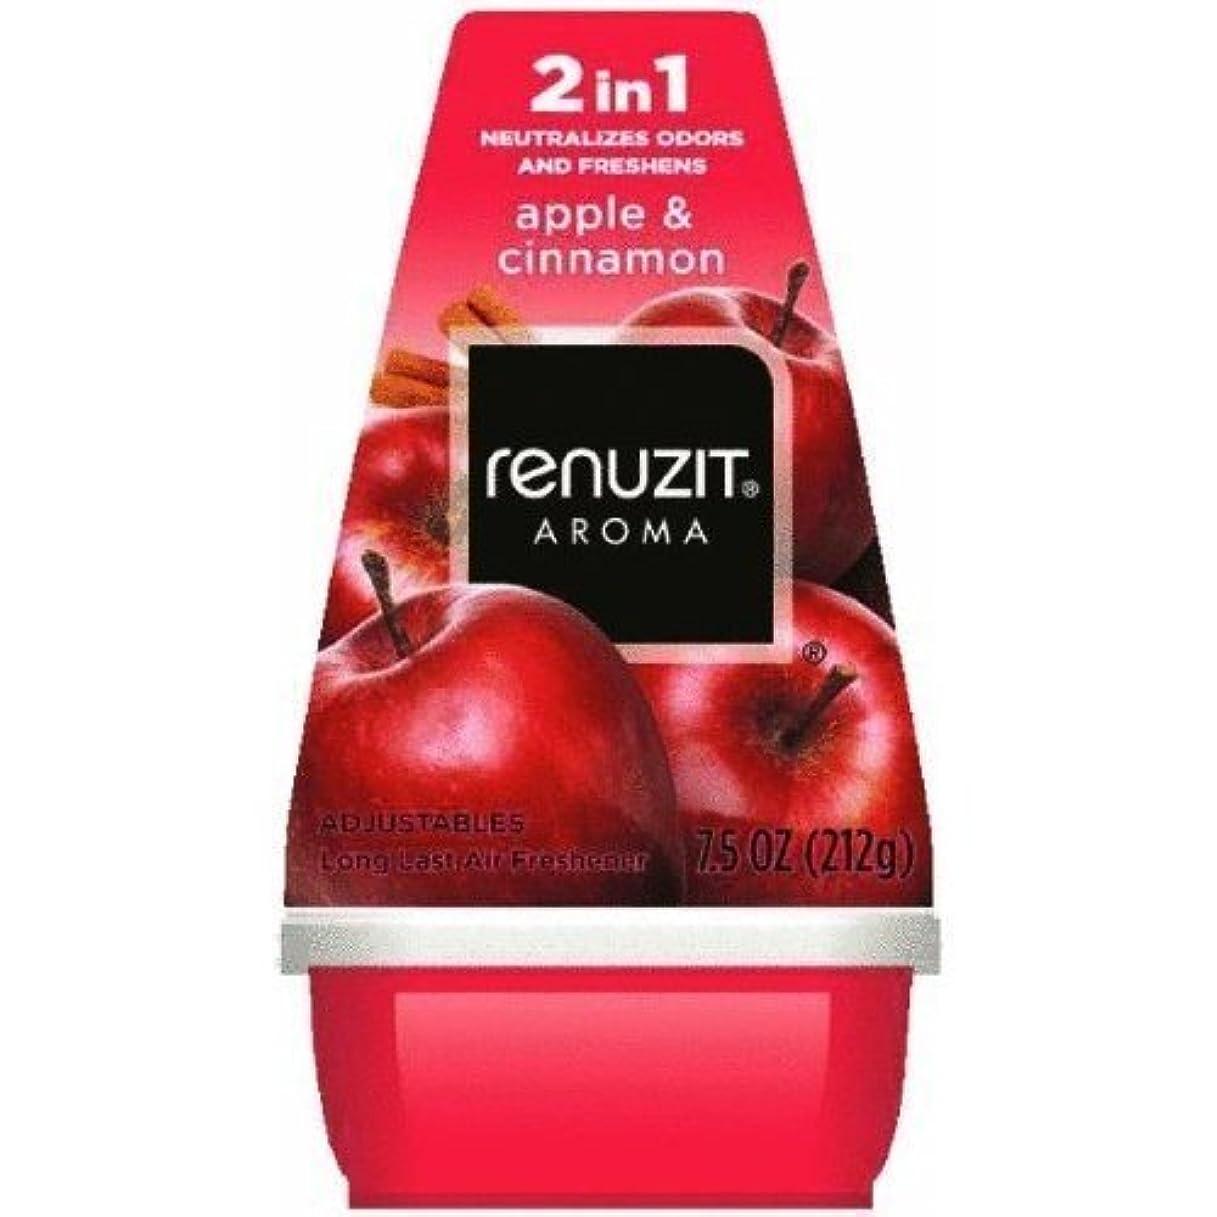 困惑した入口略奪リナジット[Renuzit] エアーフレッシュナーアップル&シナモン198g 芳香剤